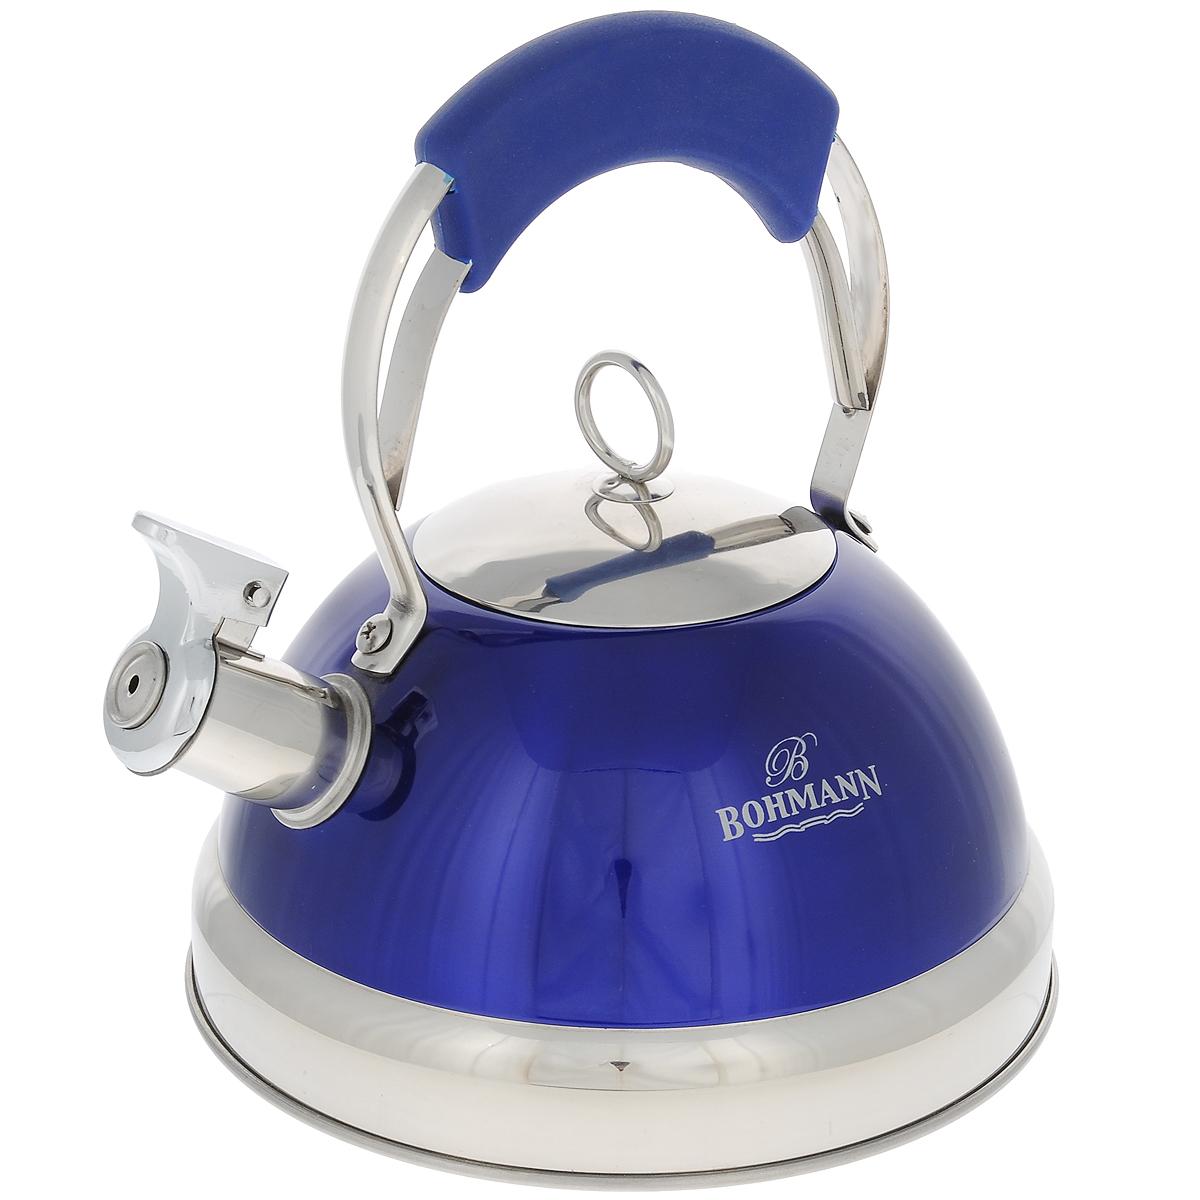 Чайник Bohmann со свистком, цвет: синий, 3 л. 9926BHNEW9926BHNEW синийЧайник Bohmann изготовлен из высококачественной нержавеющей стали с зеркальной полировкой и оформлен цветной эмалью. Нержавеющая сталь - материал, из которого в течение нескольких десятилетий во всем мире производятся столовые приборы, кухонные инструменты и различные аксессуары. Этот материал обладает высокой стойкостью к коррозии и кислотам. Прочность, долговечность и надежность этого материала, а также первоклассная обработка обеспечивают практически неограниченный запас прочности и неизменно привлекательный внешний вид. Чайник оснащен удобной ручкой с цветной силиконовой вставкой, что предотвращает появление ожогов и обеспечивает безопасность использования. Благодаря широкому верхнему отверстию, в чайник удобно заливать воду и прочищать его изнутри. Носик чайника имеет откидной свисток, который подскажет, когда вода закипела. Можно использовать на газовых, электрических, галогенных, стеклокерамических, индукционных плитах. Можно мыть в посудомоечной машине.